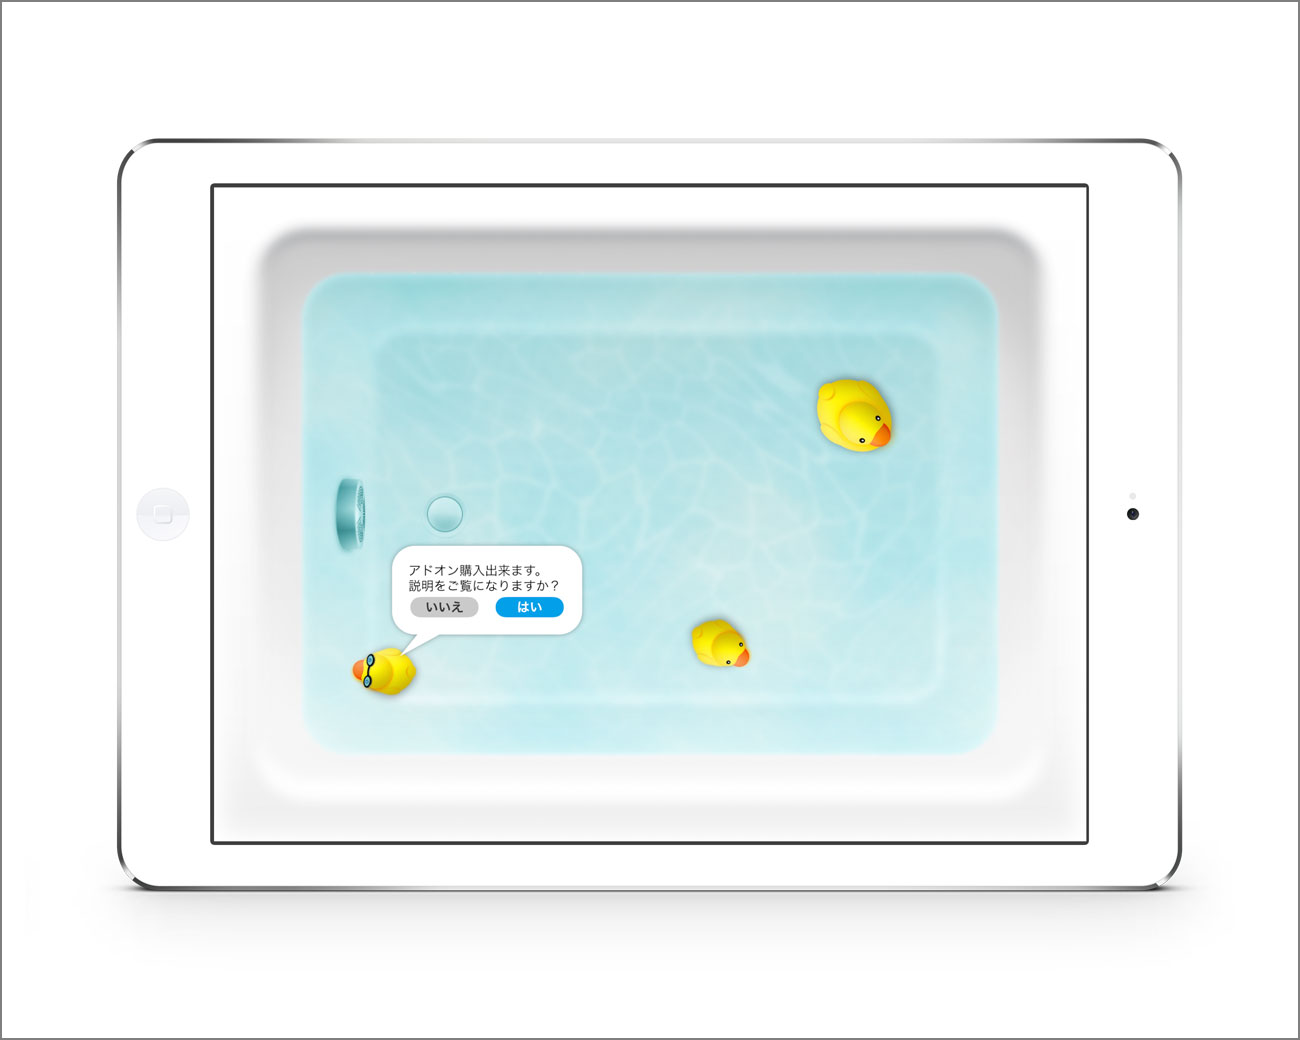 SmartTubアプリ iPad用画面